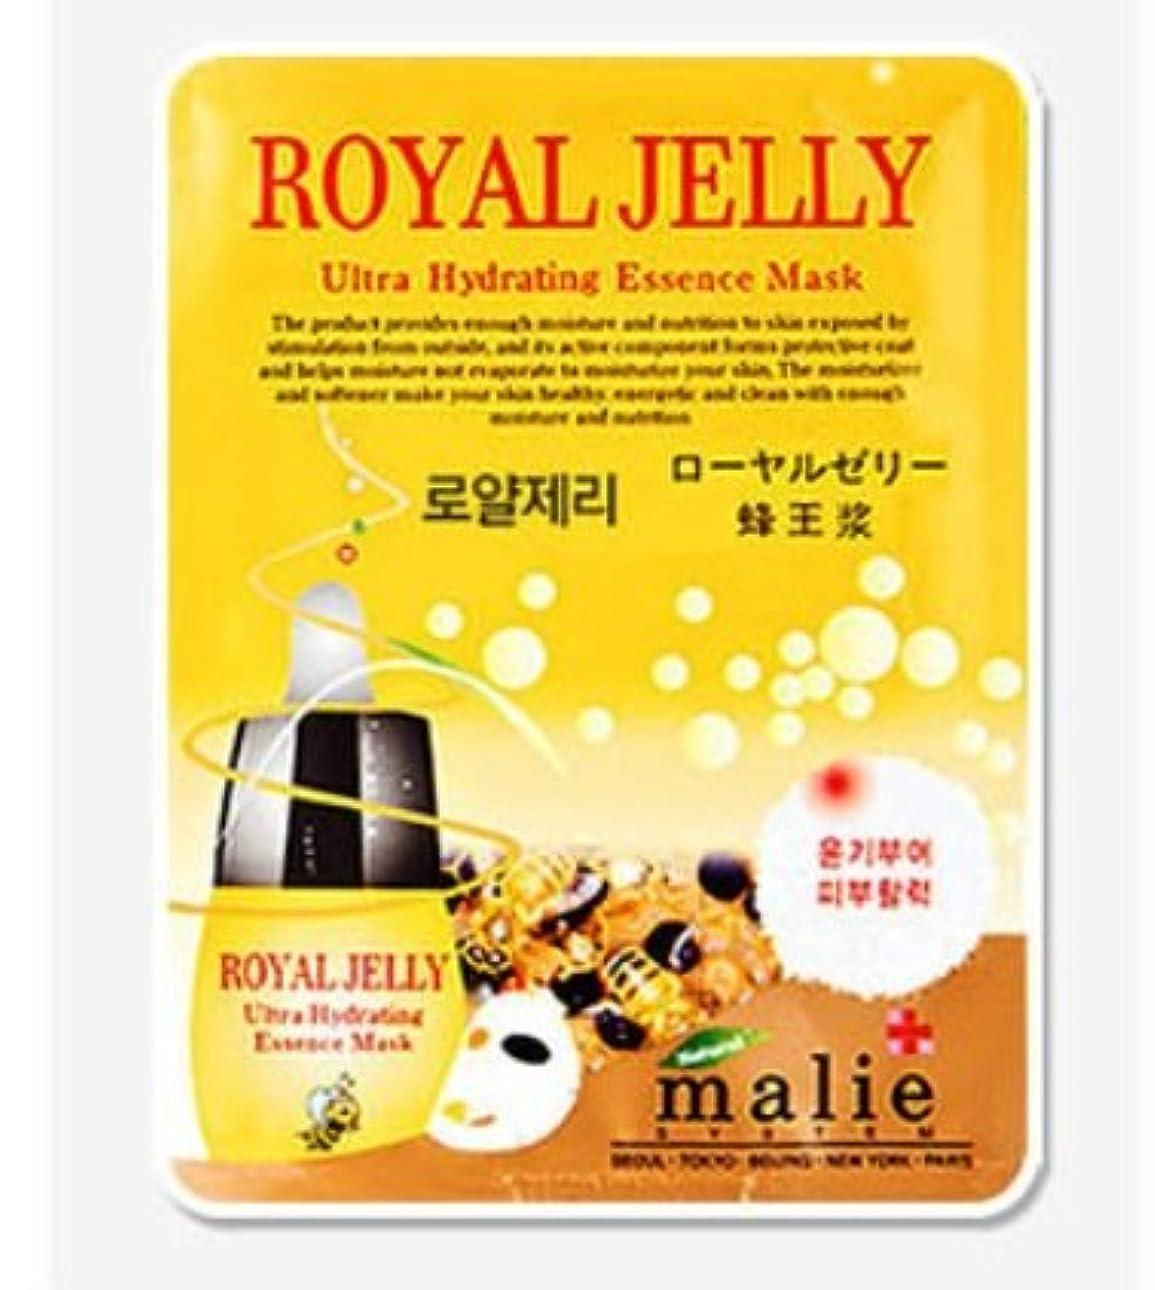 国籍捨てるアクセサリー[MALIE] まりえローヤルゼリーウルトラ?ハイドレーティング?エッセンスマスク25gX10枚 / Malie Royal Jelly Ultra Hydrating Essence Mask [並行輸入品]